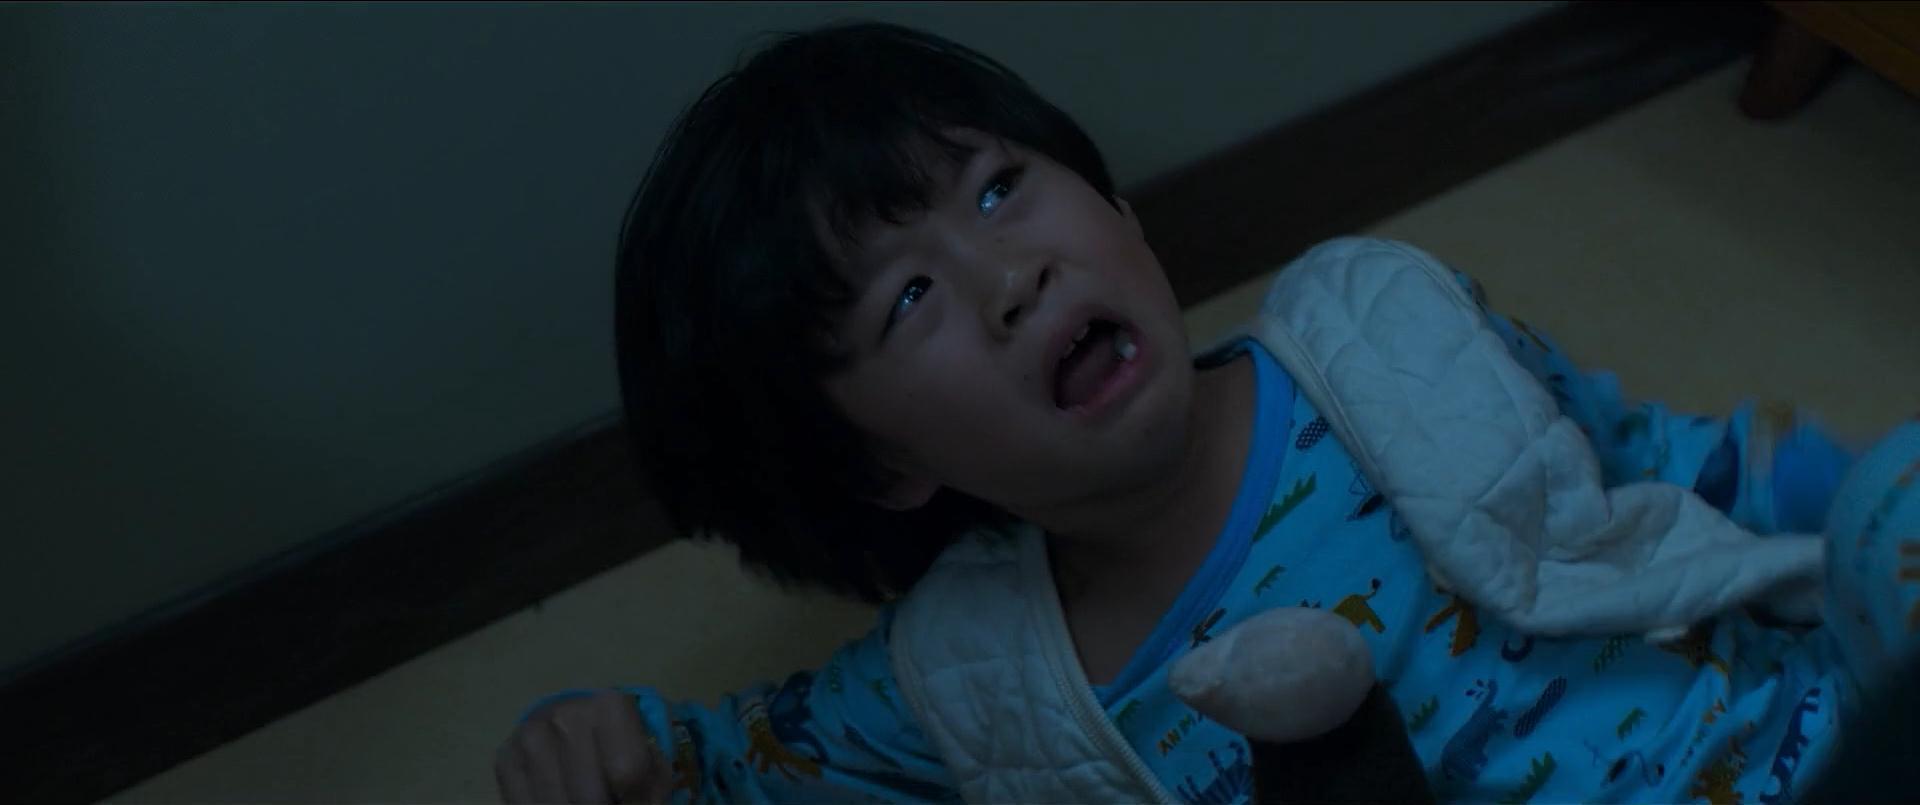 韩国电影《小委托人》不幸的人,一生都在治愈童年 (8)